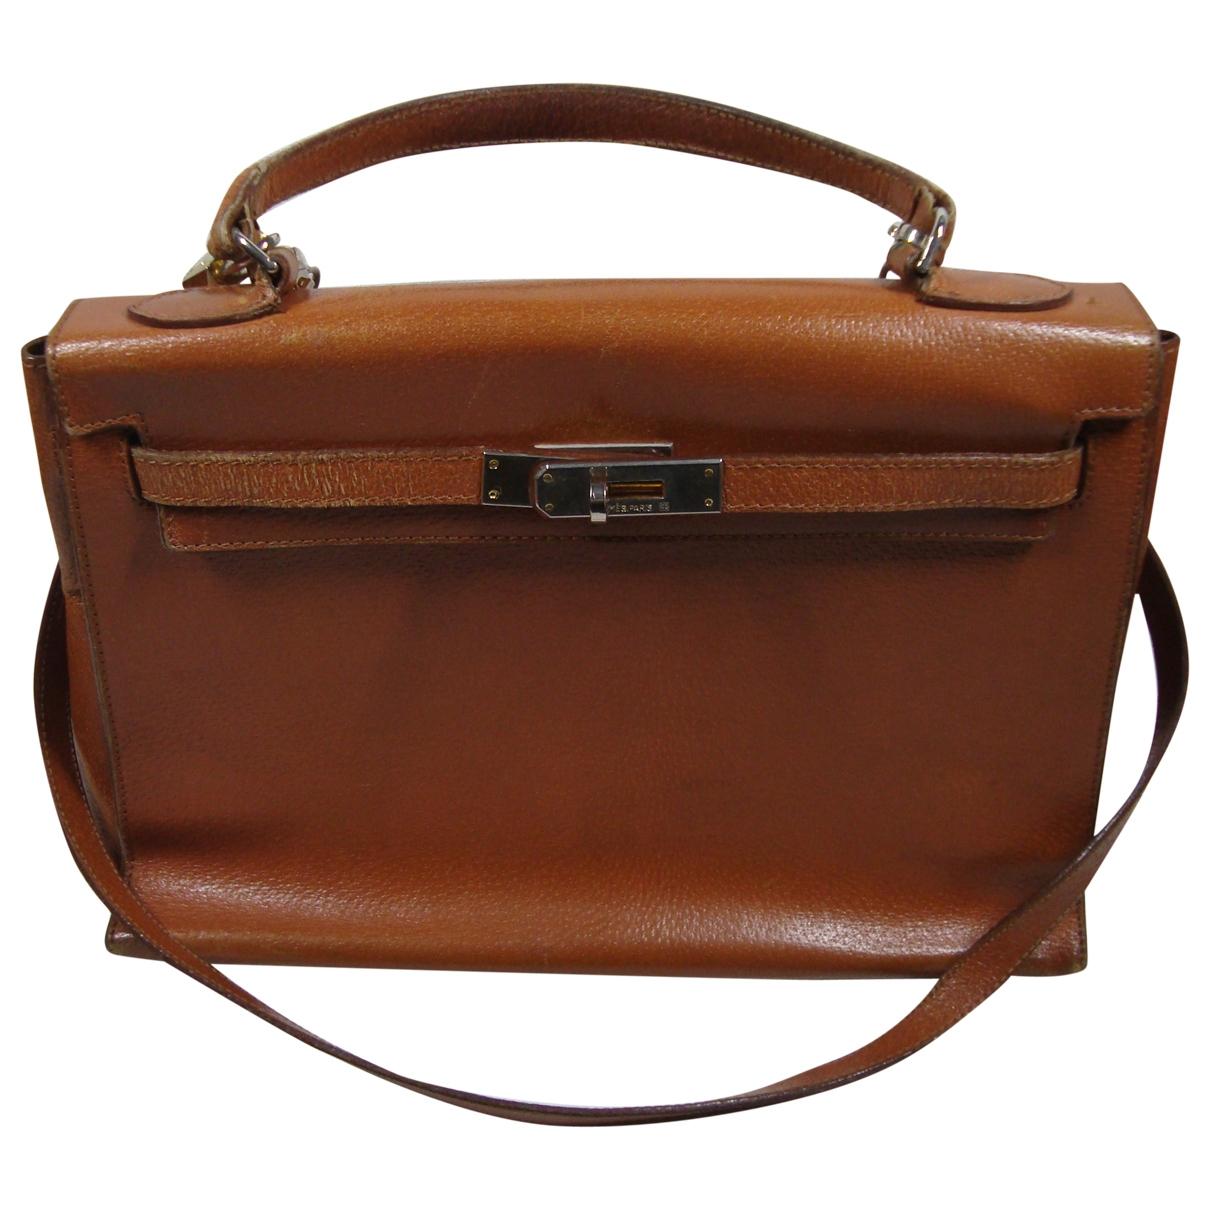 Hermes Kelly 32 Handtasche in  Kamel Leder